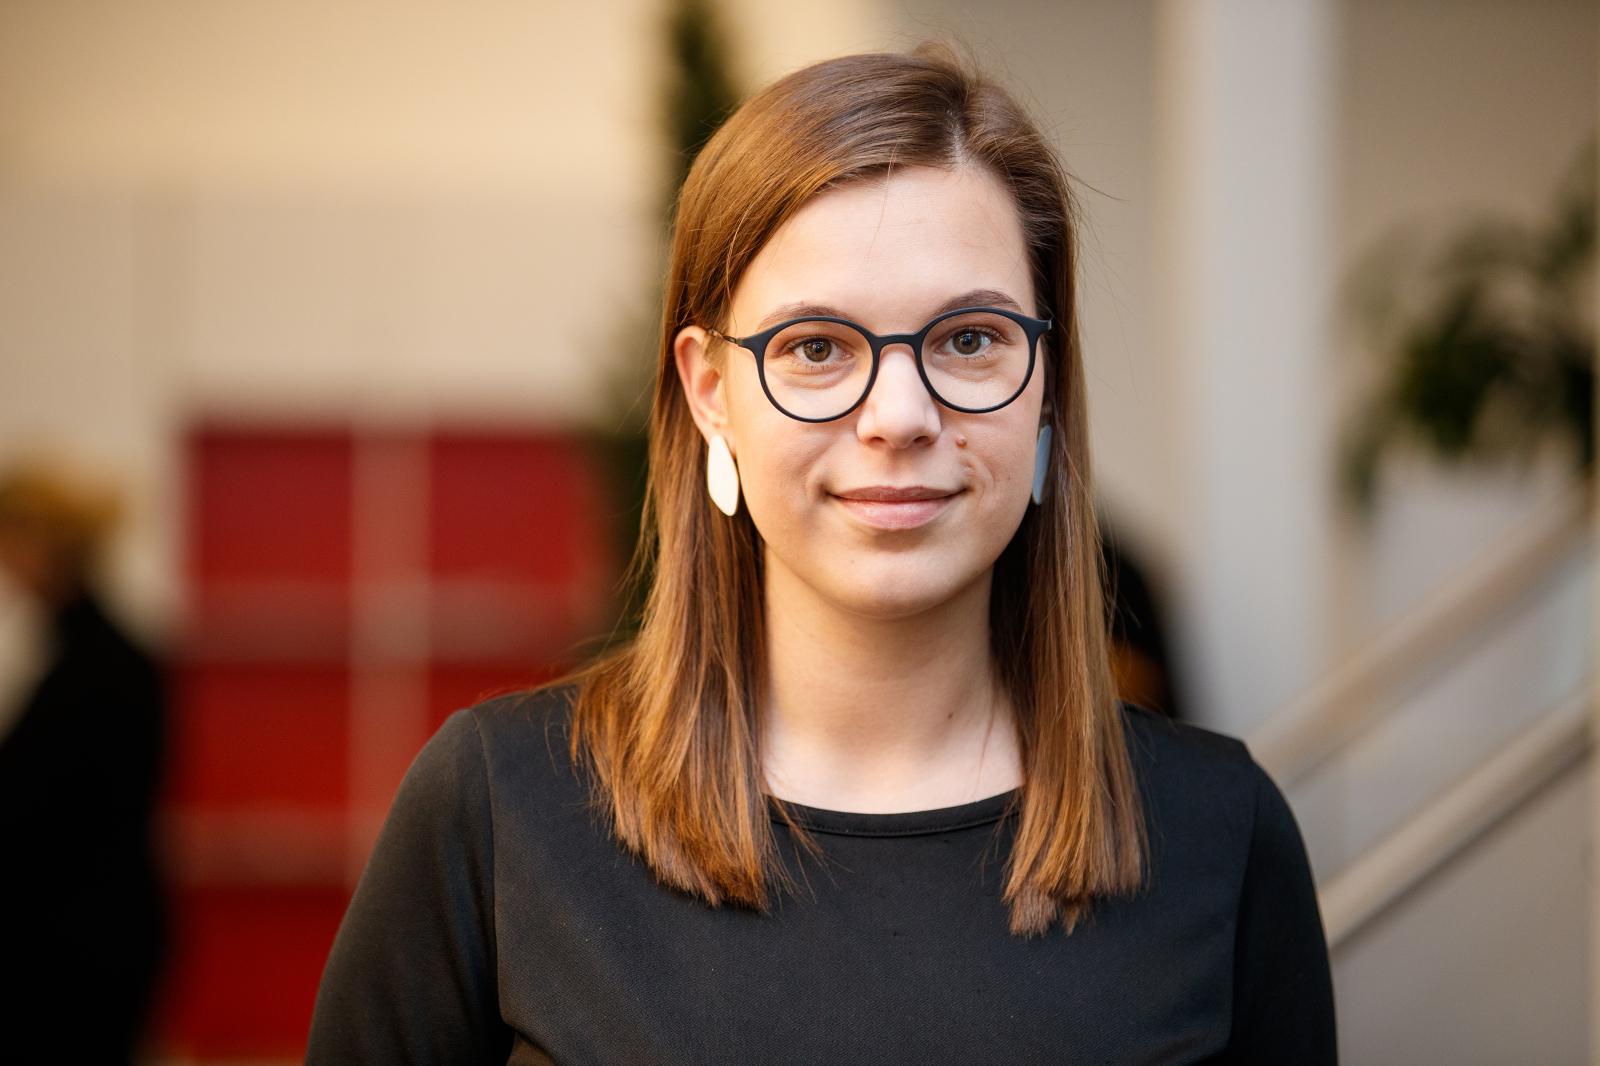 Maria Mägi